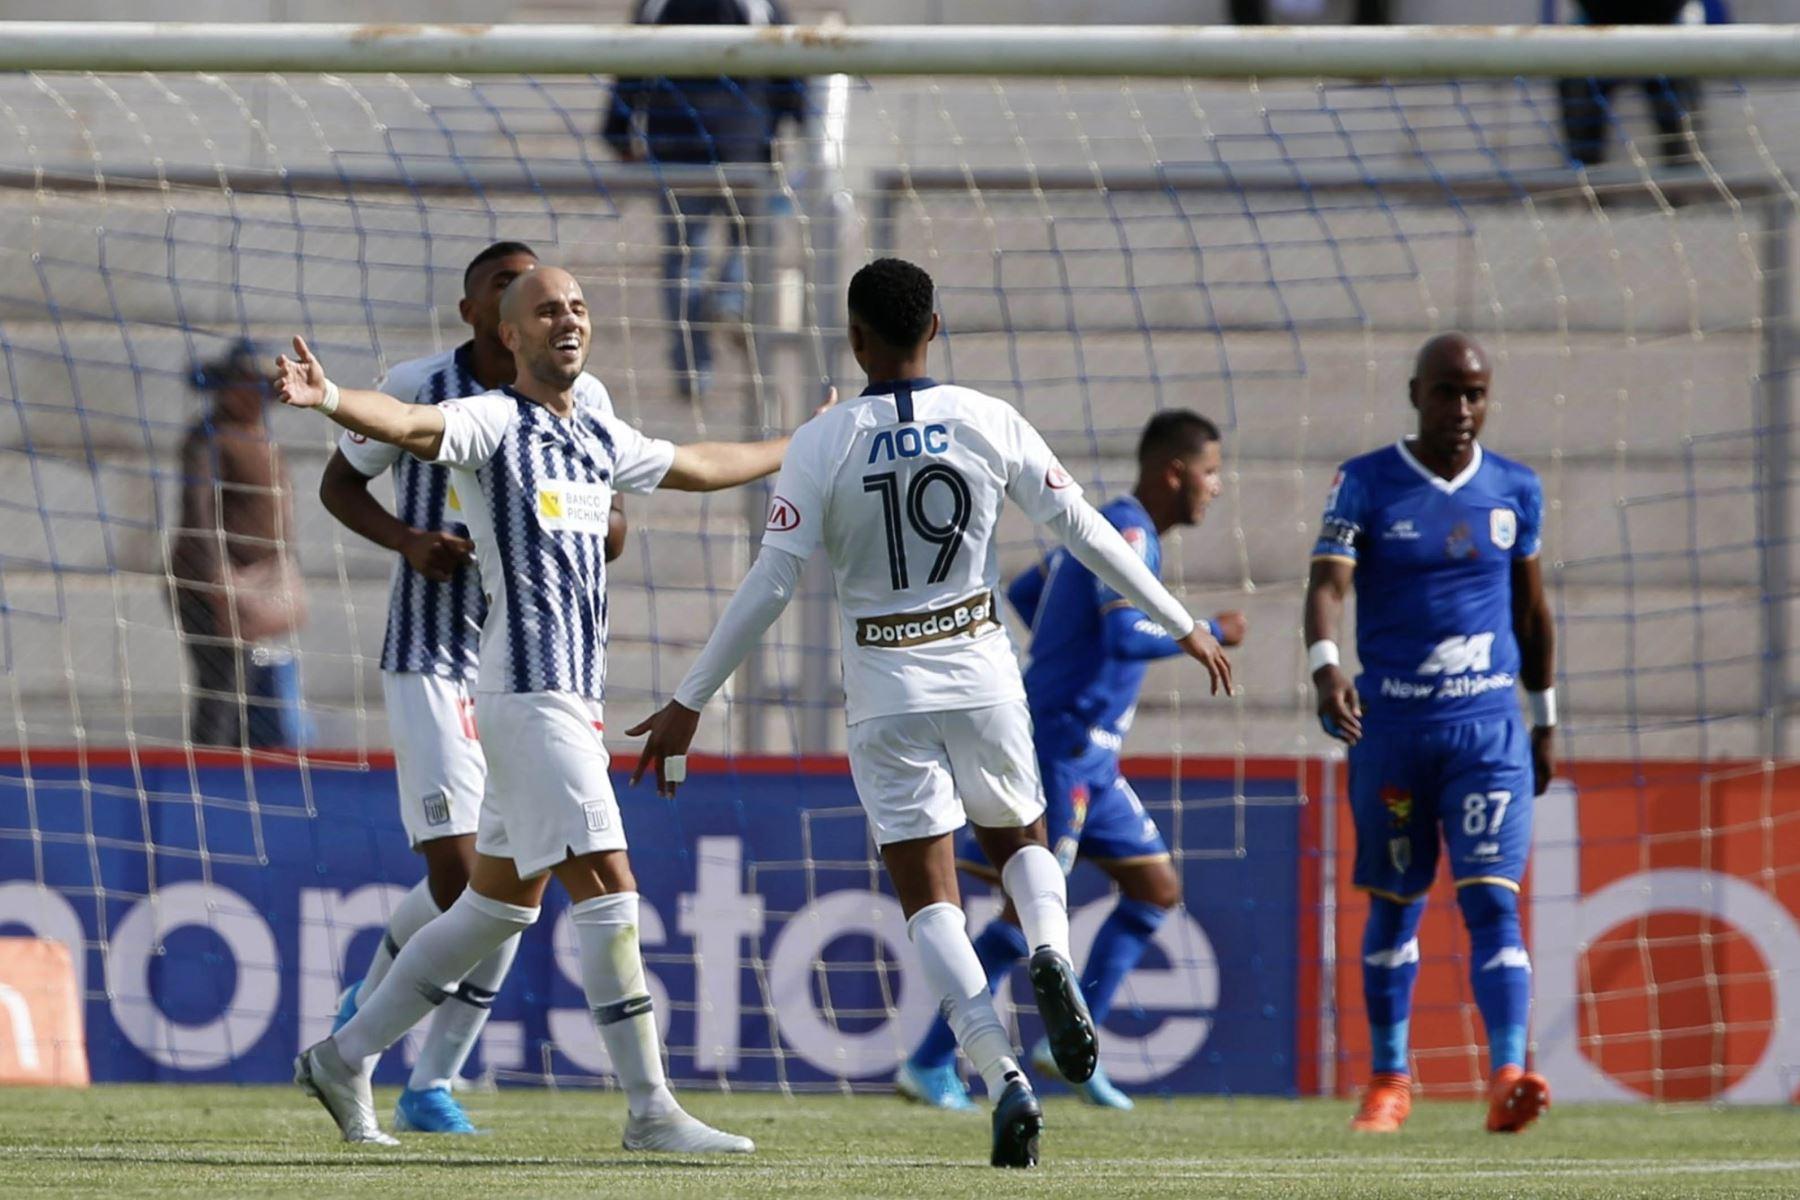 Federico Rodriguez y Wilder Cartagena de Alianza Lima celebran el gol ante Binacional en el partido de ida en la final del fútbol peruano por la Liga 1, en la ciudad de Juliaca – Puno. Foto: ANDINA/Carlos Lezama